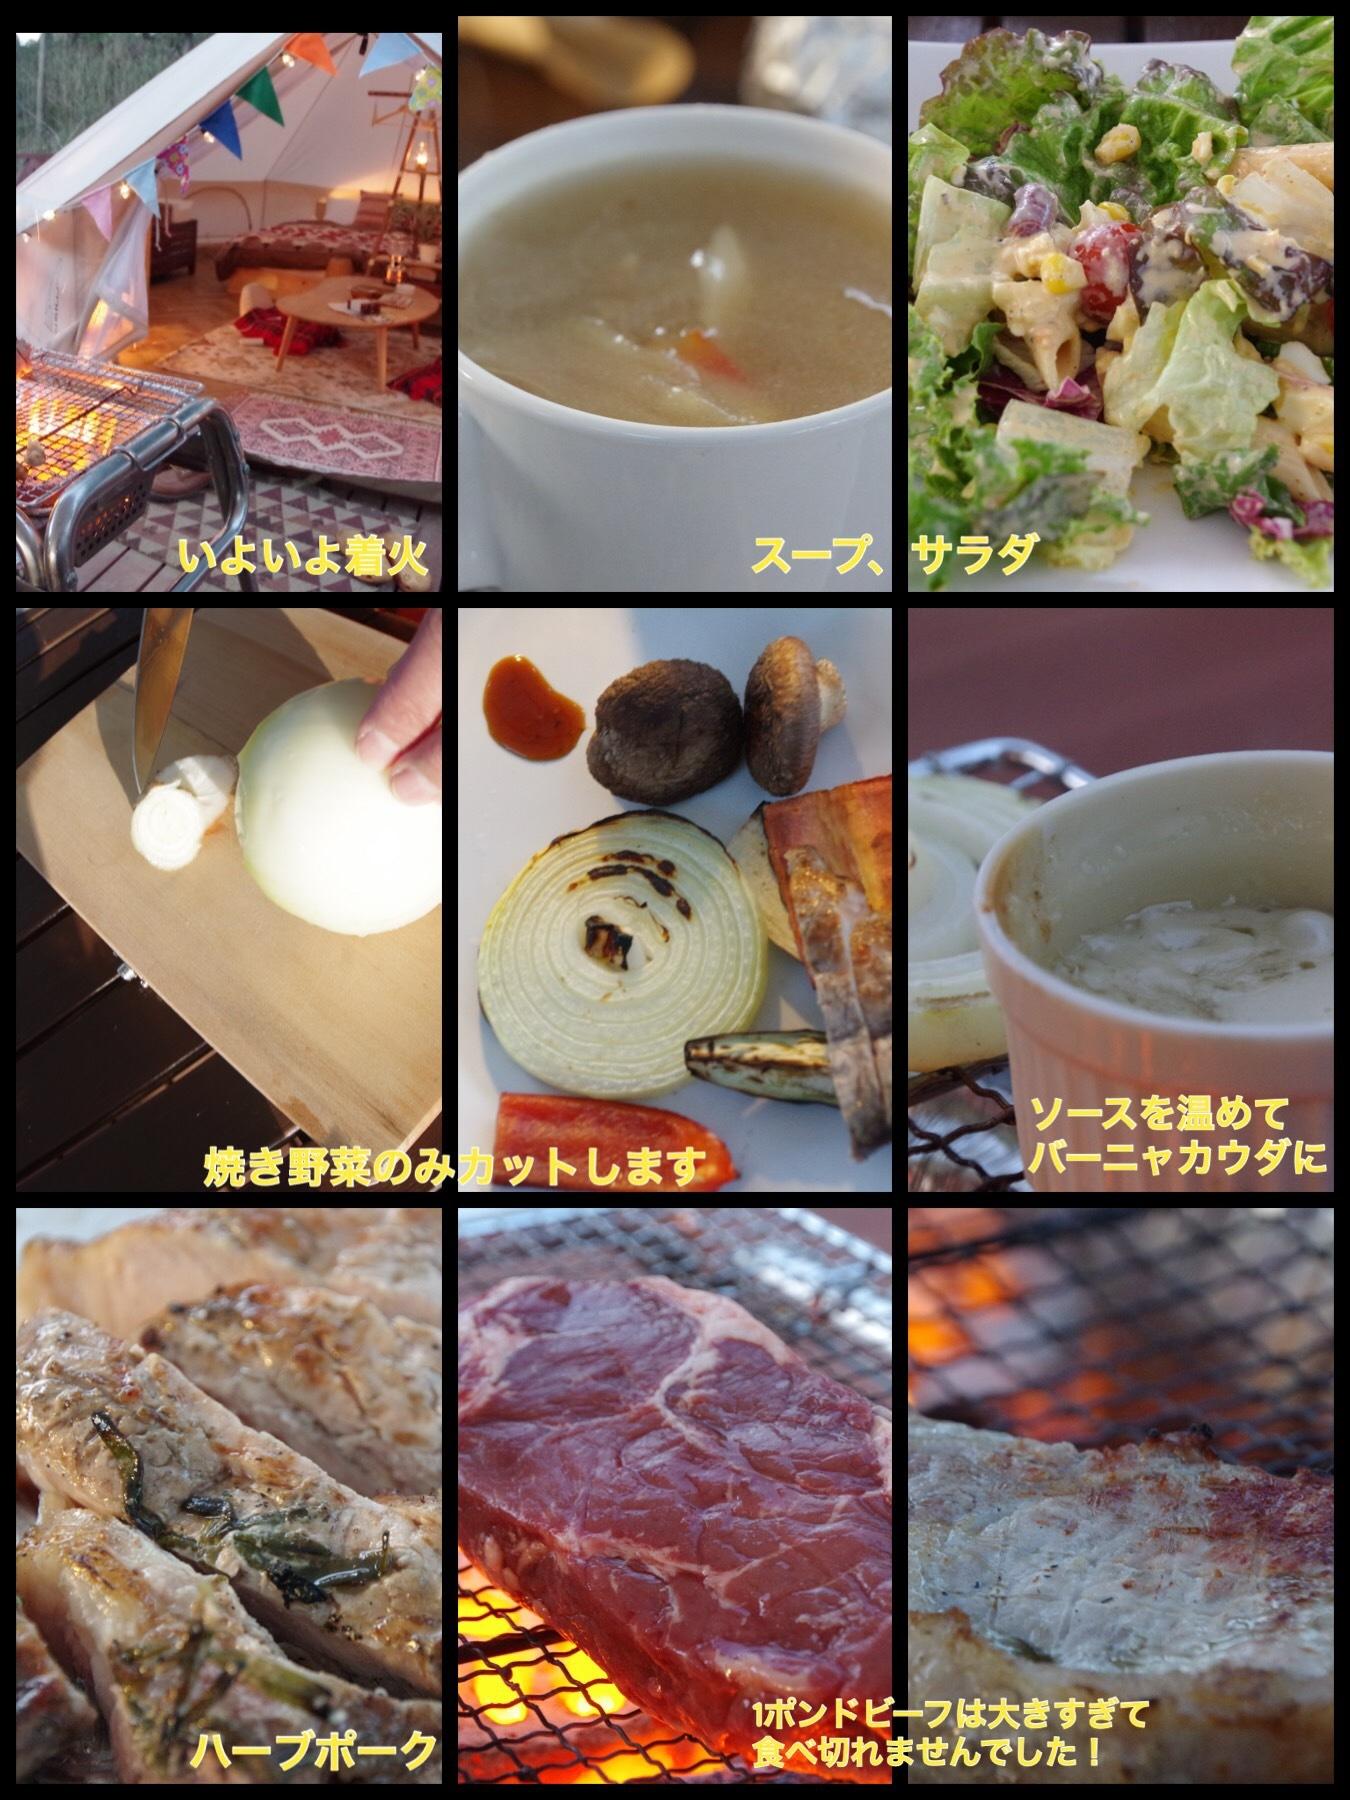 千葉 ザファーム グランピング 宿泊記 夕食 バーベキュー